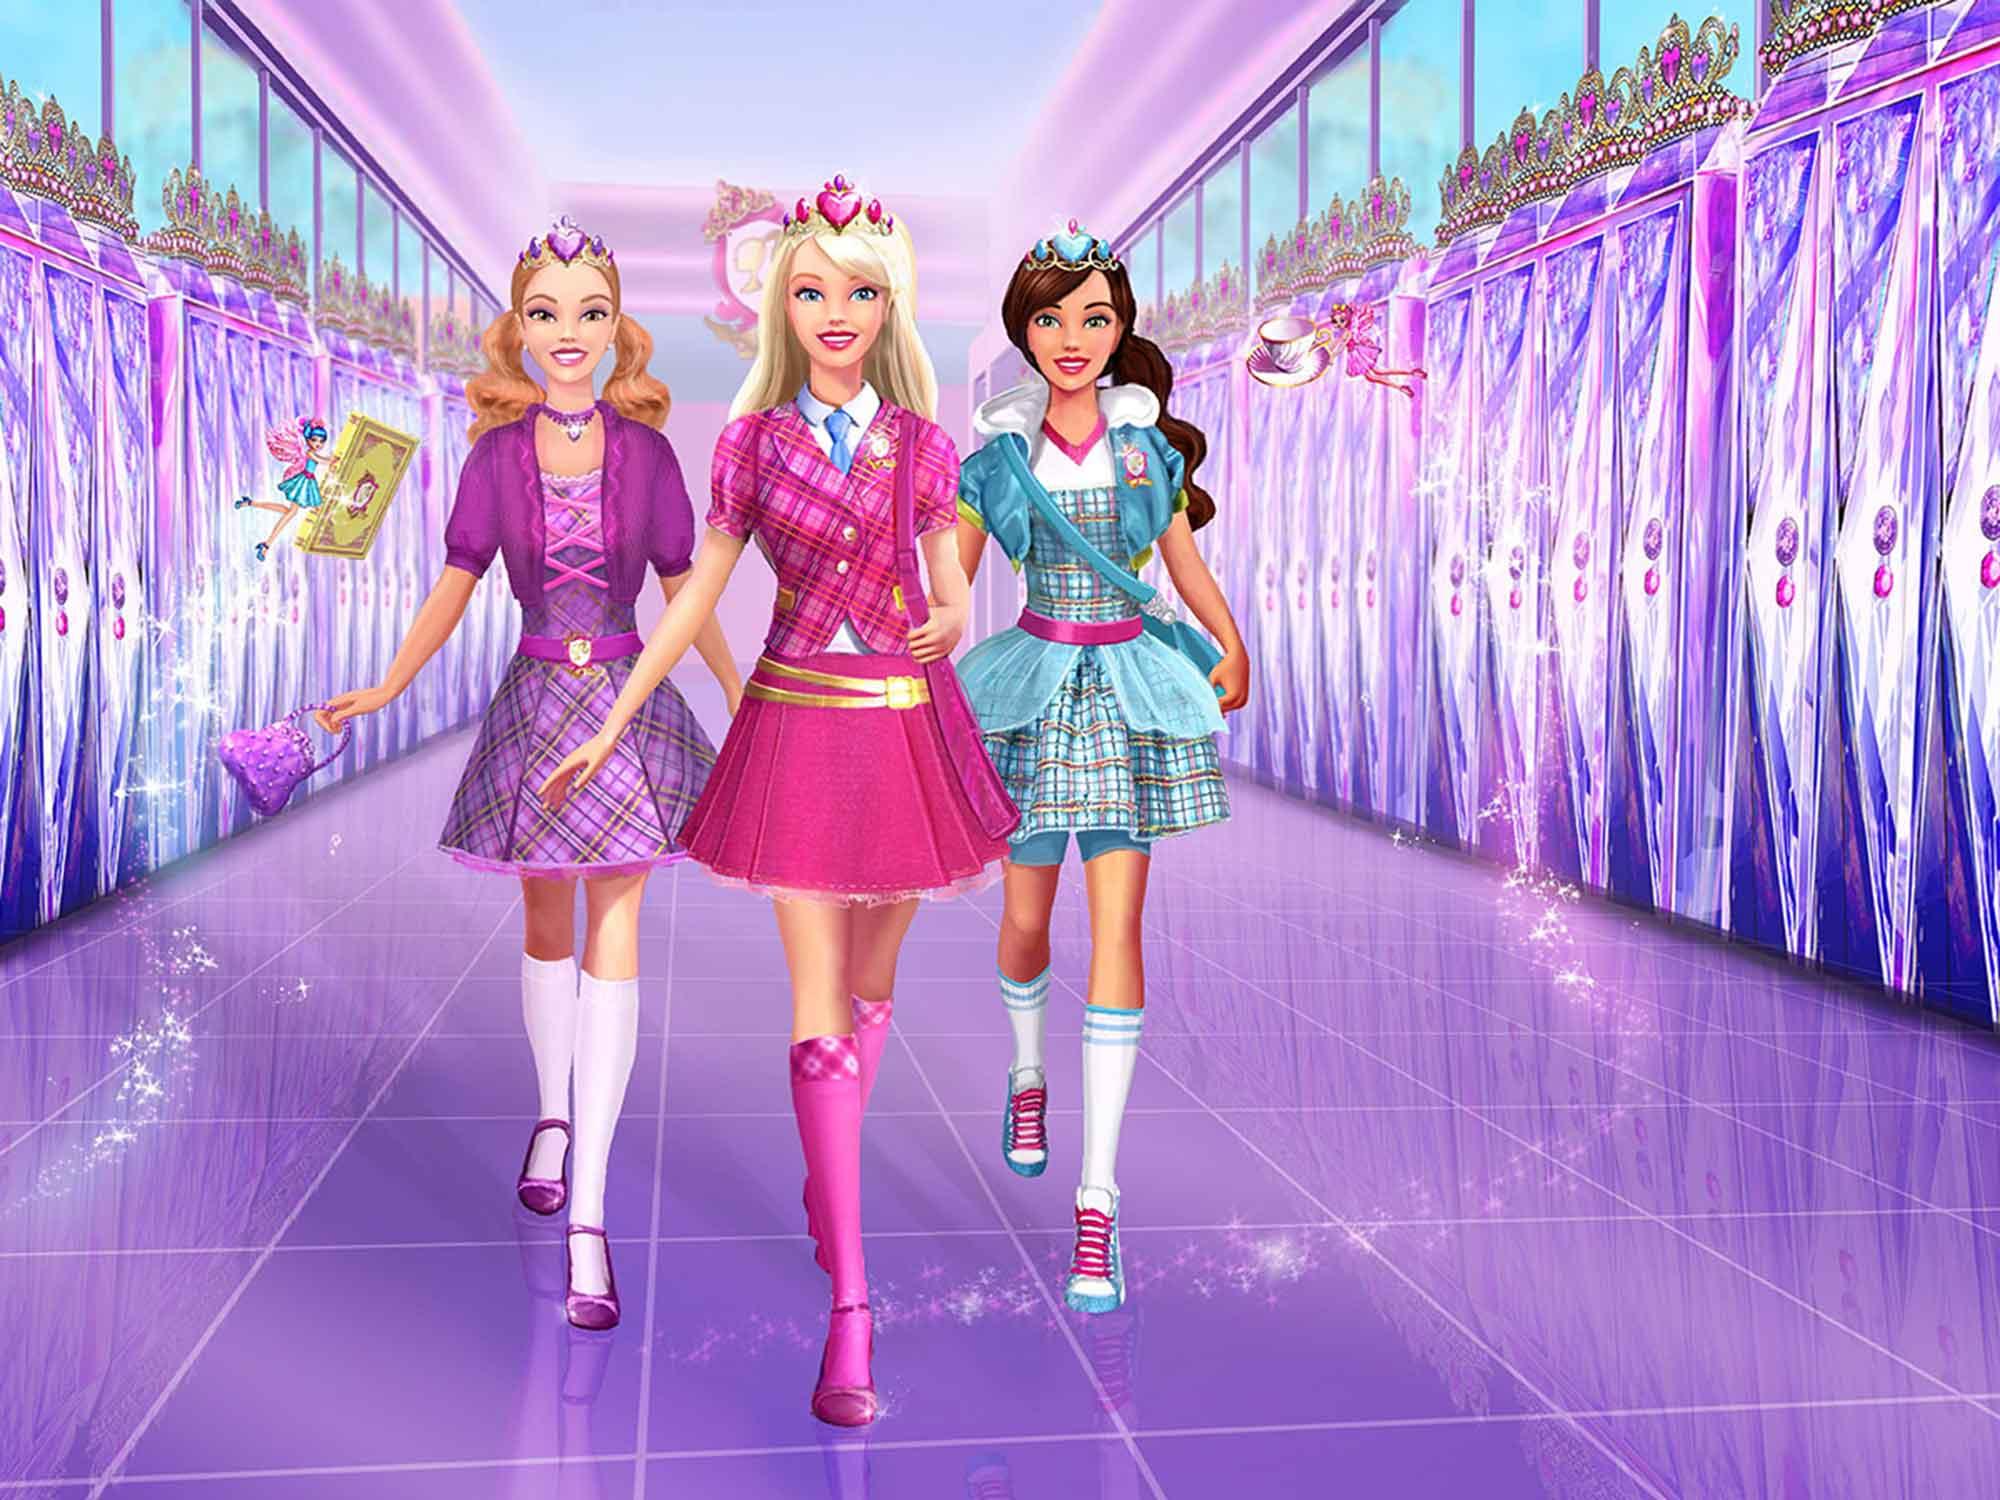 Papel De Parede 3D   Papel de Parede Infantil Barbie 0003 - Sobmedida: m²  - Paredes Decoradas